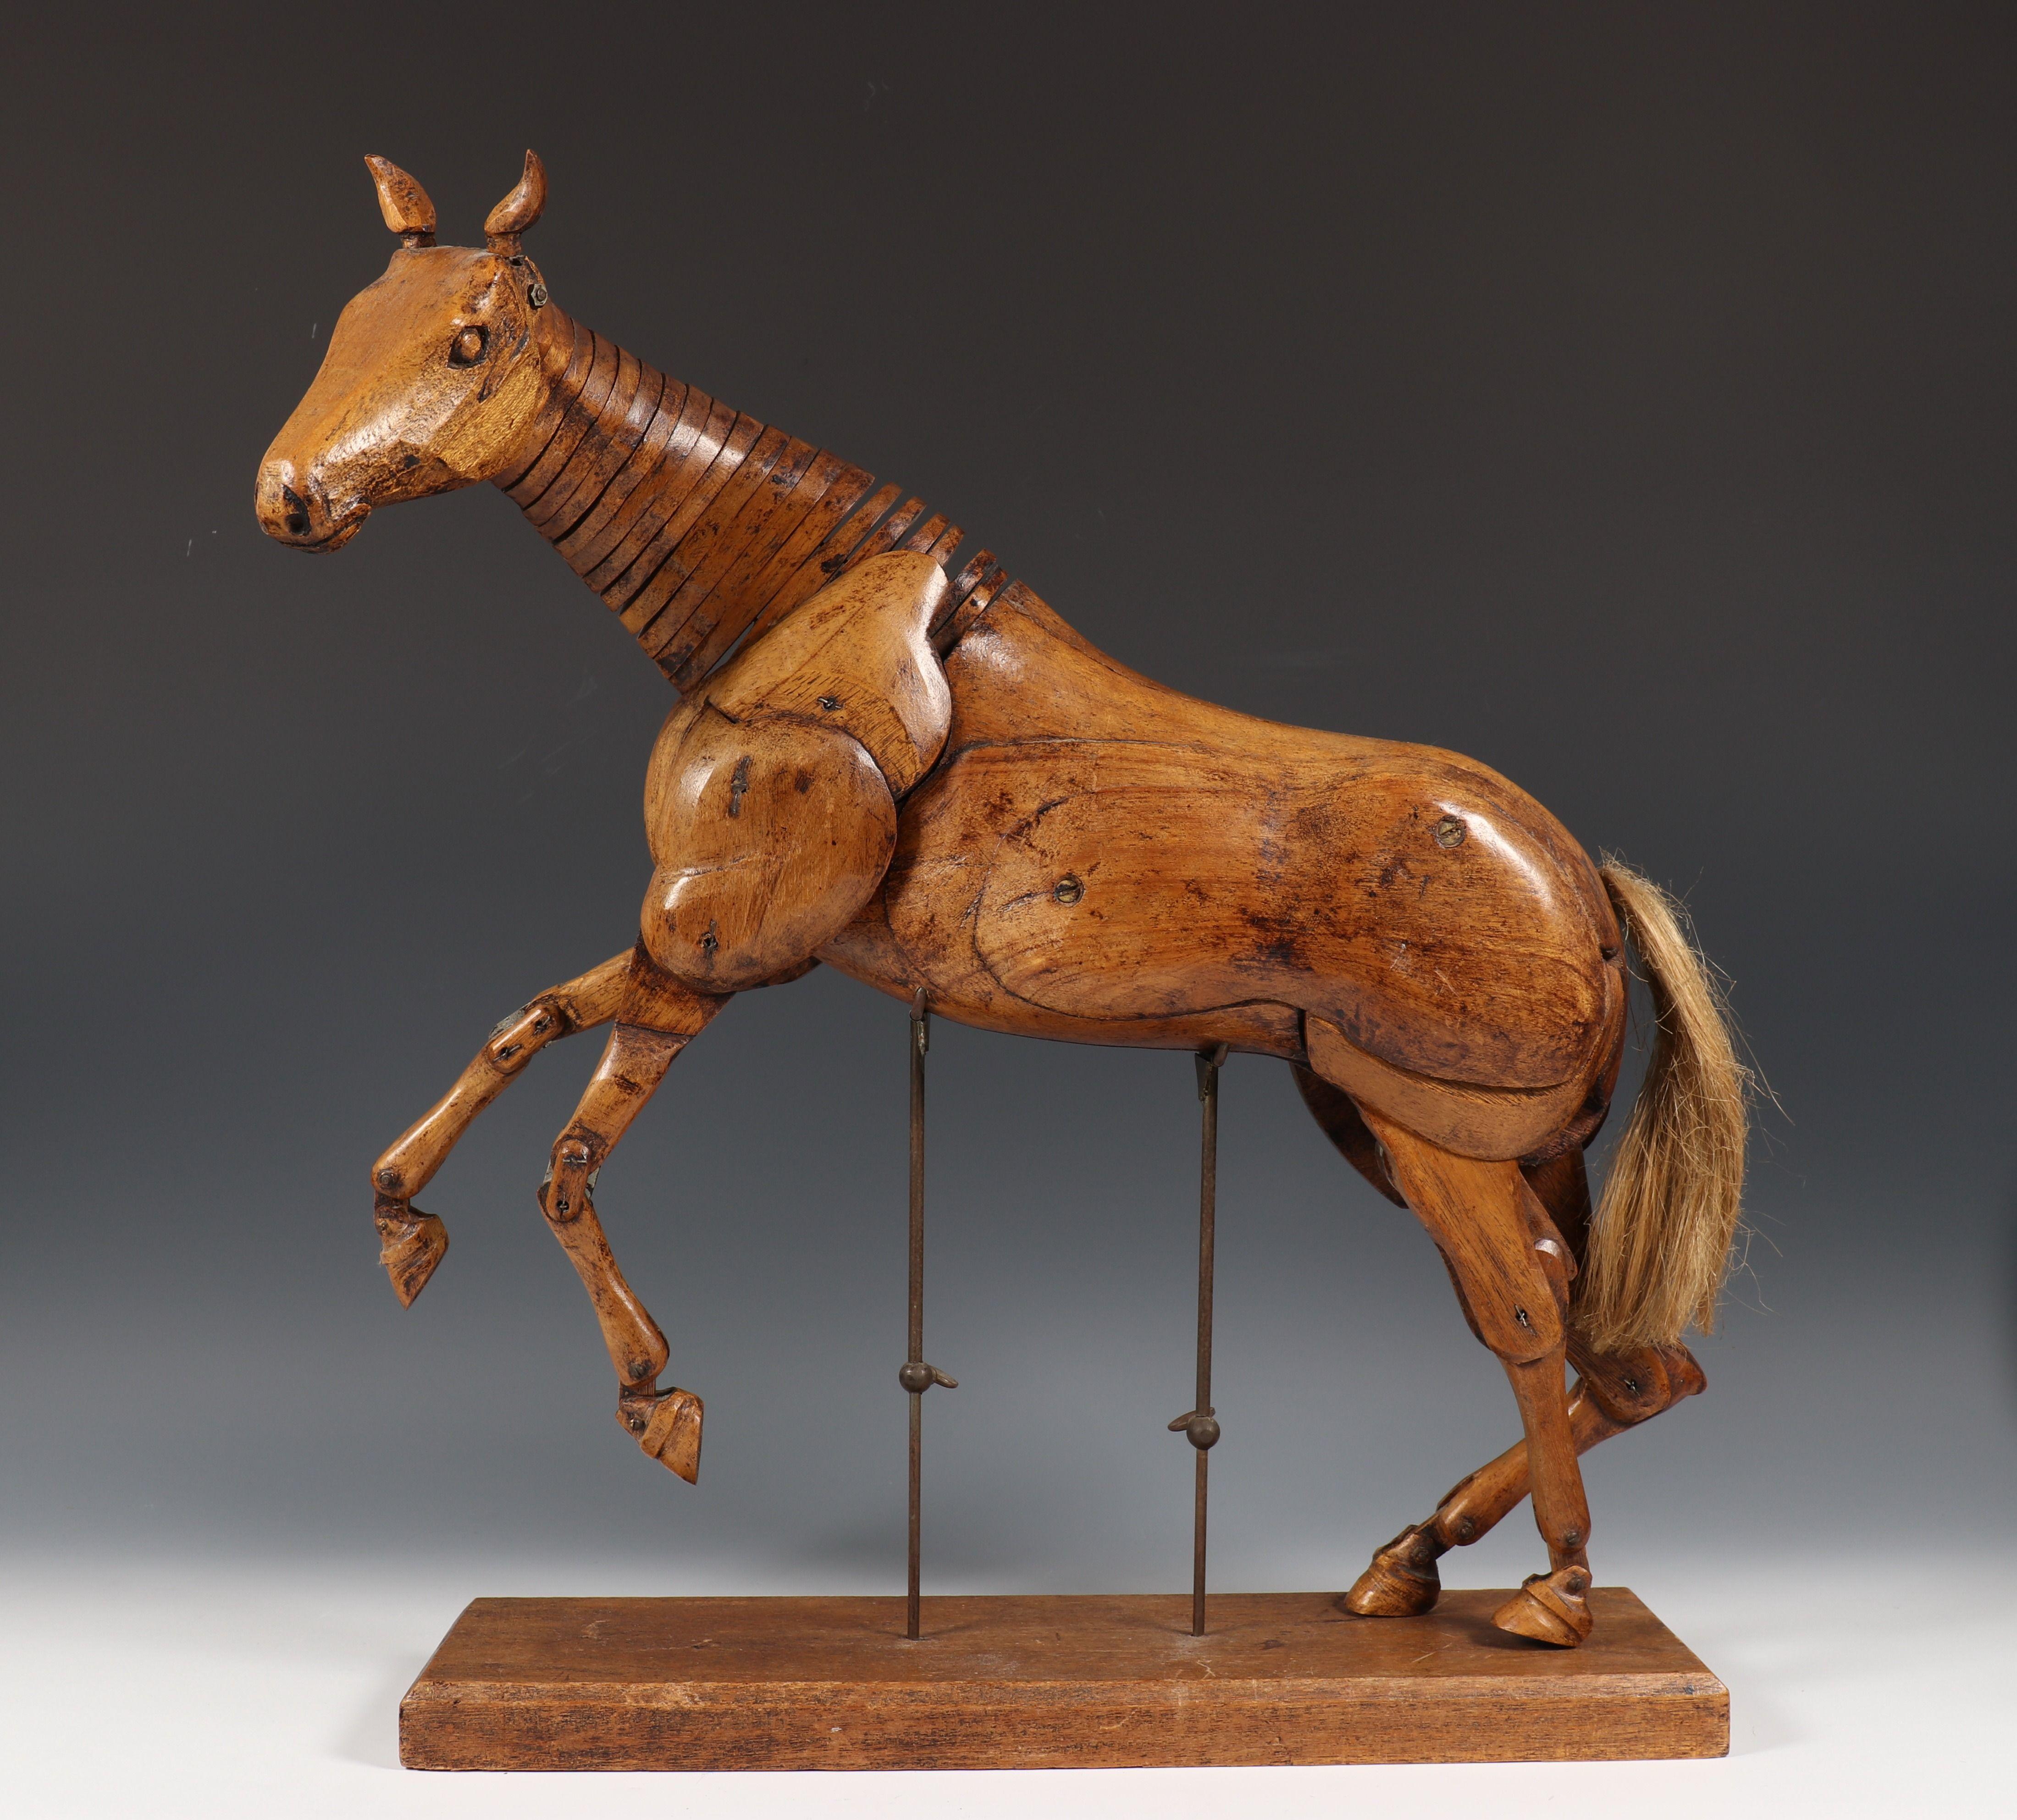 Houten Tekenmodel Van Een Paard 20e Eeuw Alle Delen Verstelbaar Op Houten Basis Met Messing Verstelbare Staafjes H 55 Cm B 43 Houten Paarden Messing